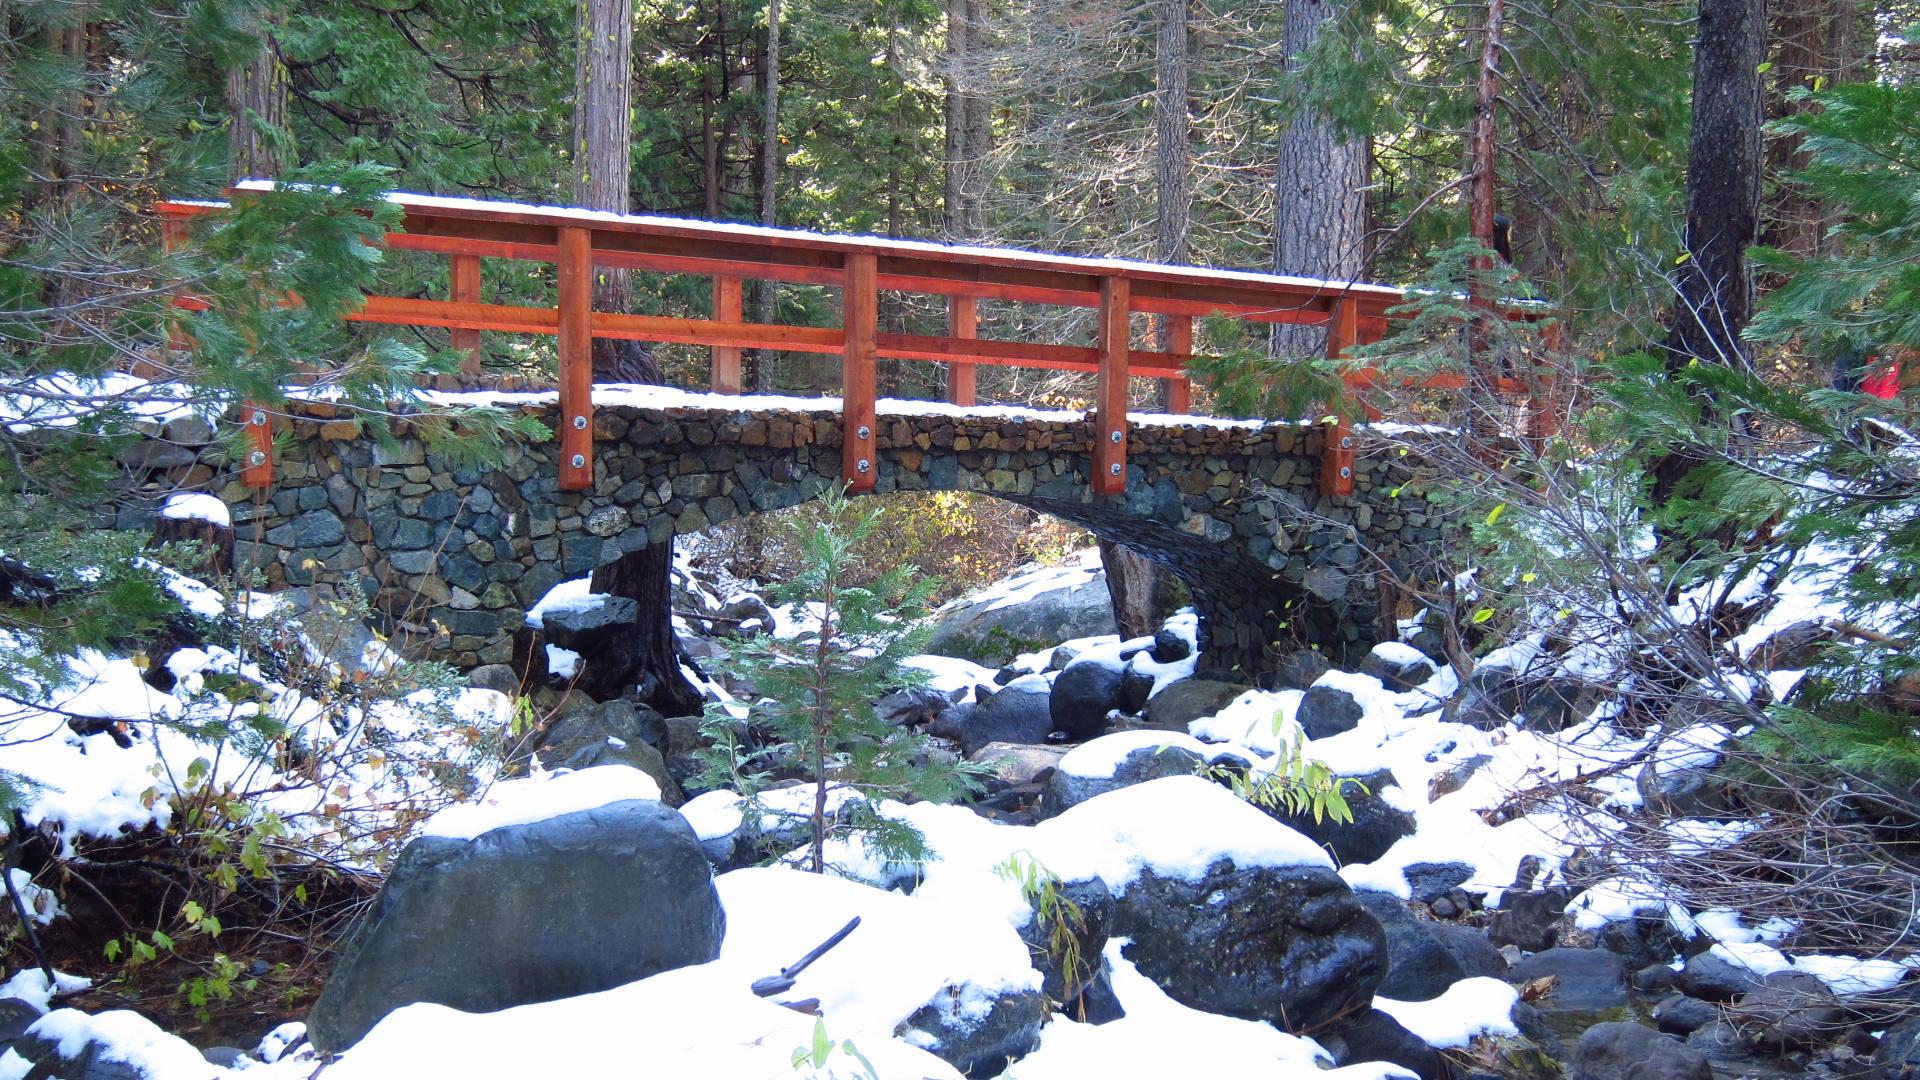 Big Sandusky bridge in Winter